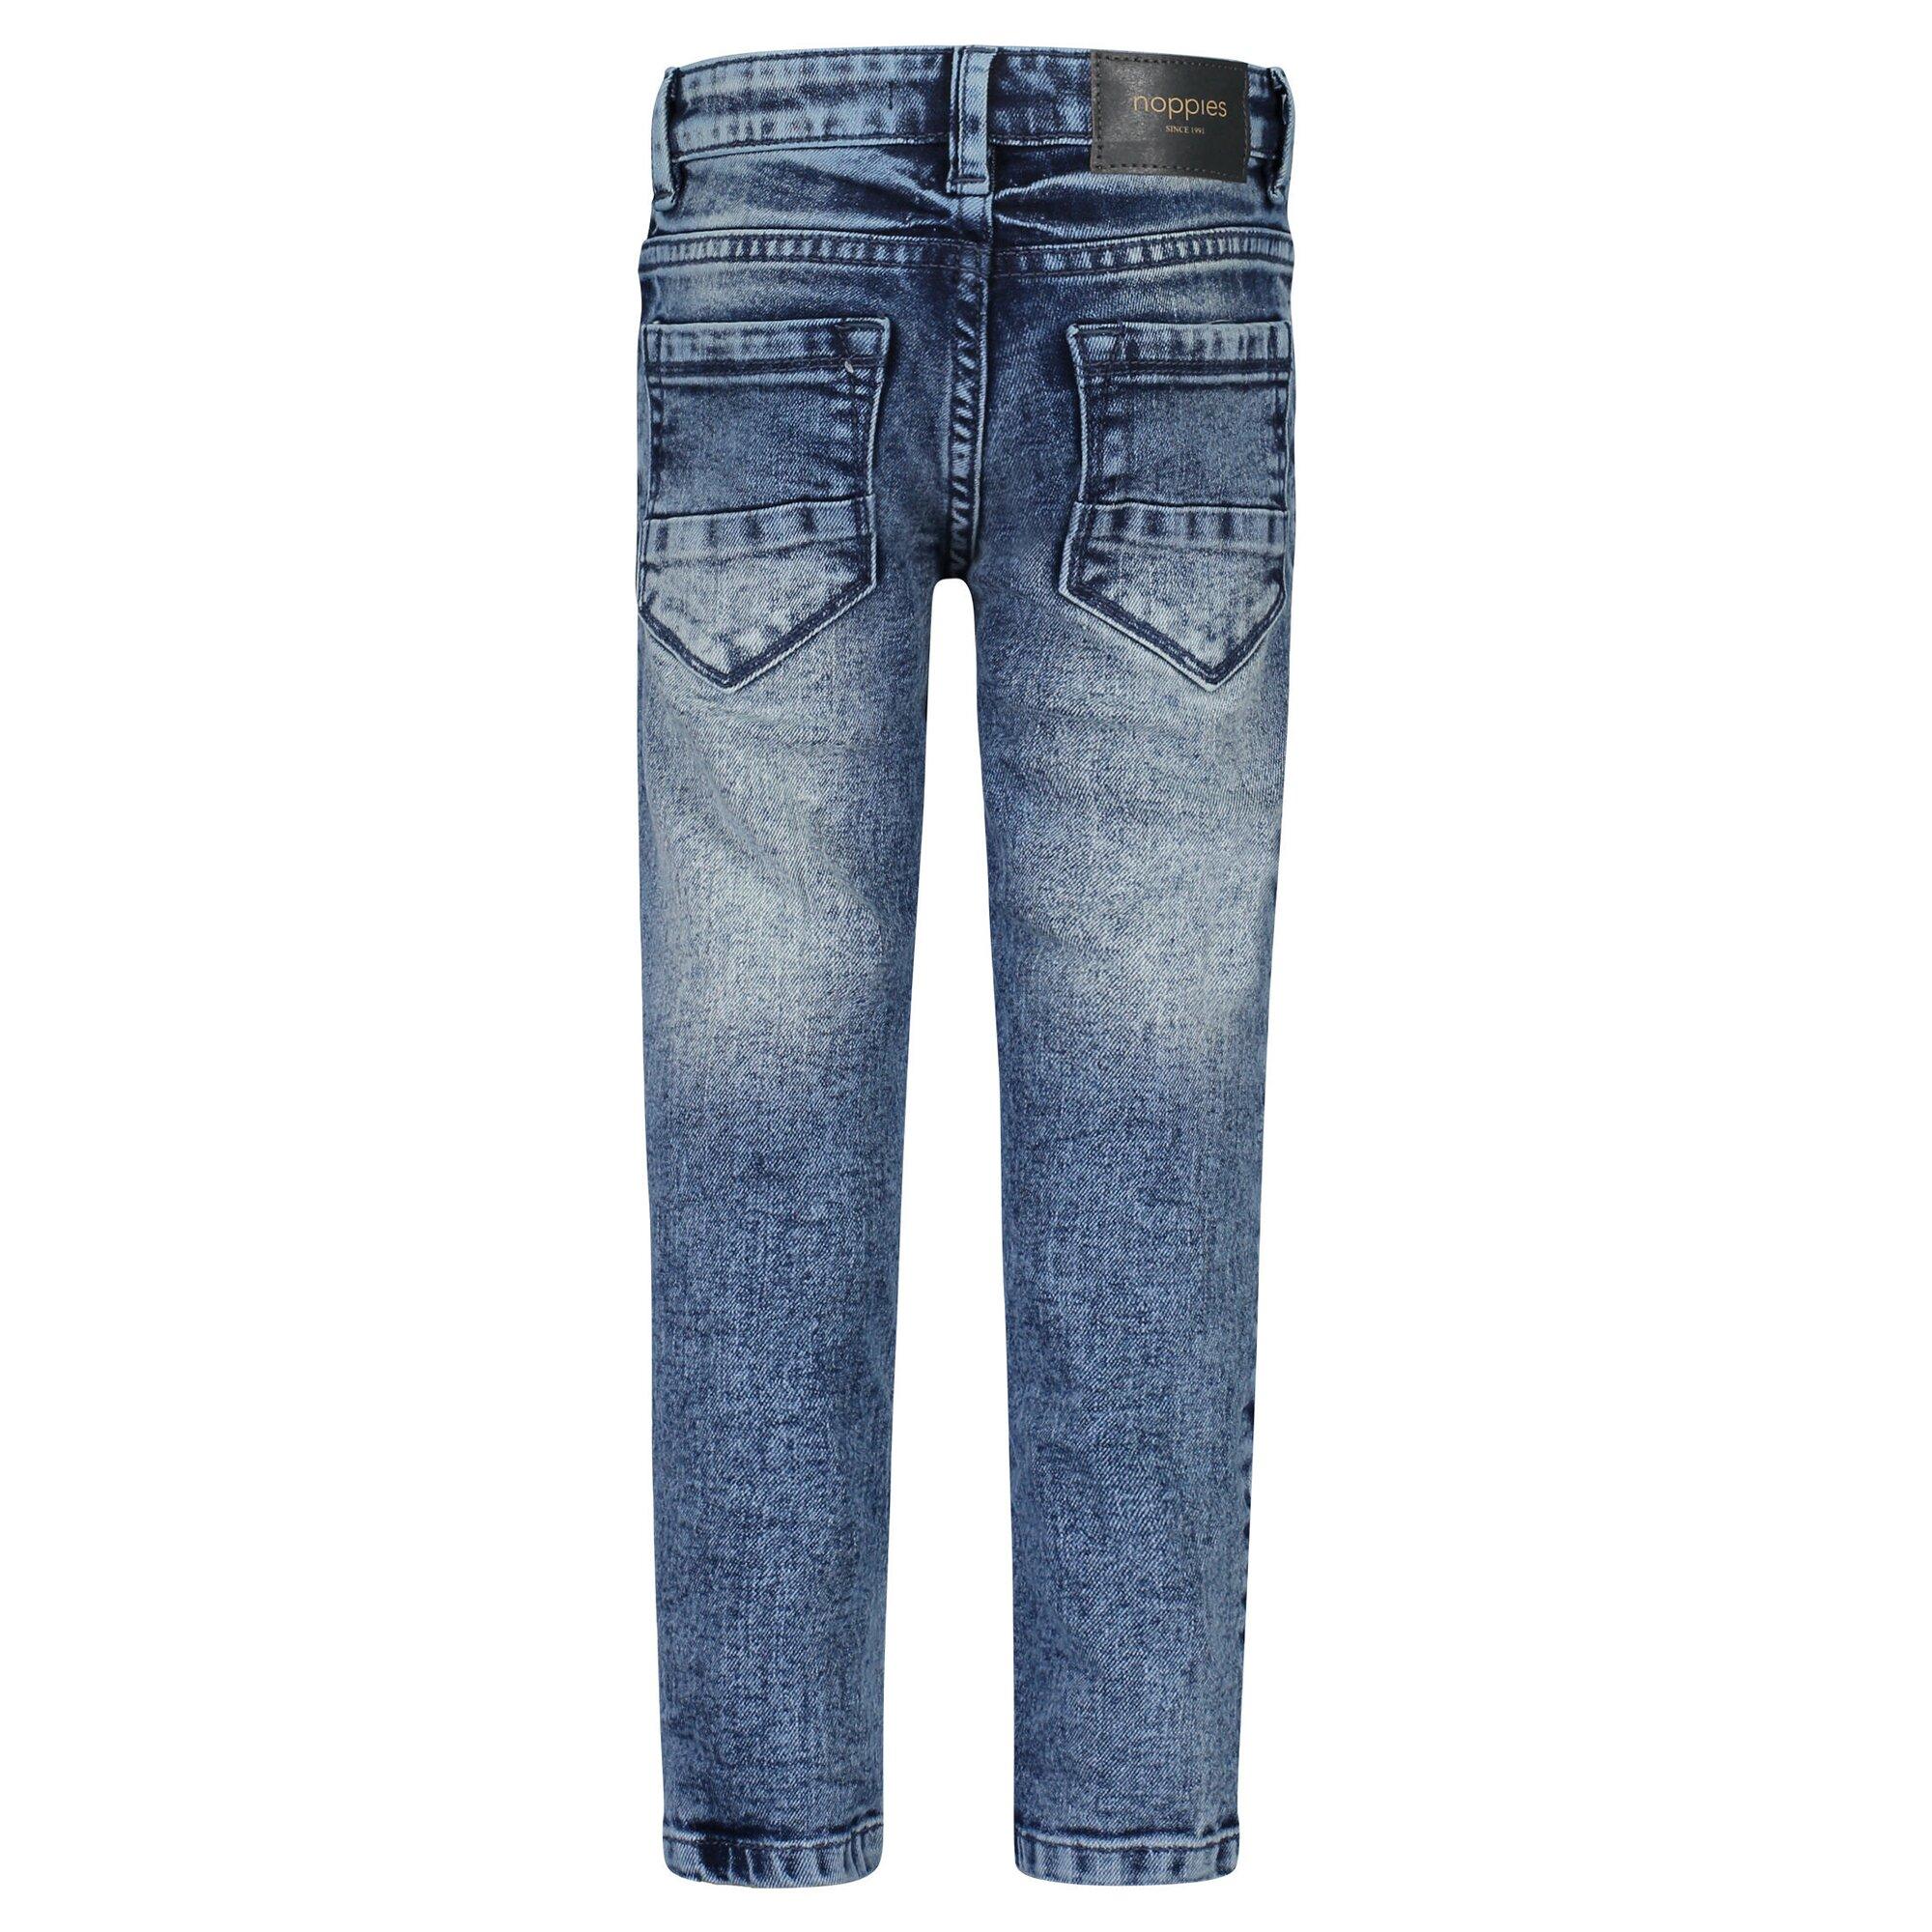 noppies-jeans-vere